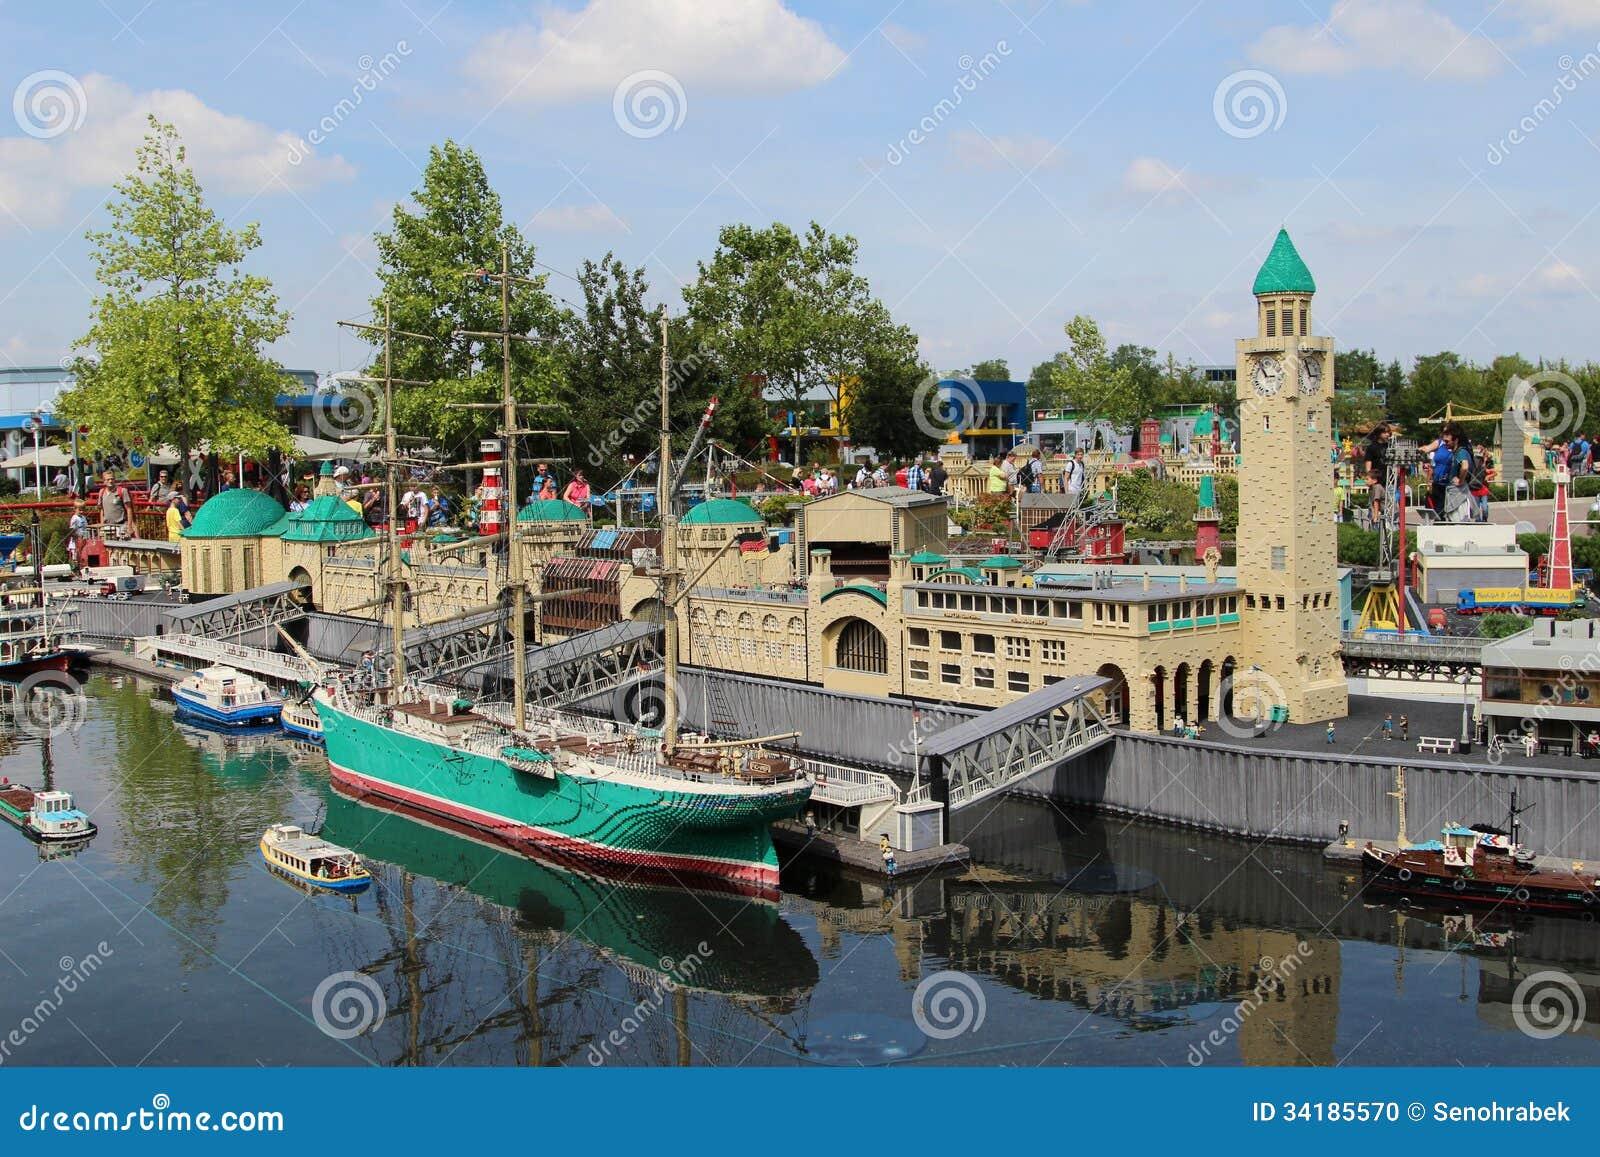 Gunzburg Germany  city pictures gallery : GUNZBURG, GERMANY AUGUST 22: Miniland at Legoland Deutschland Resort ...